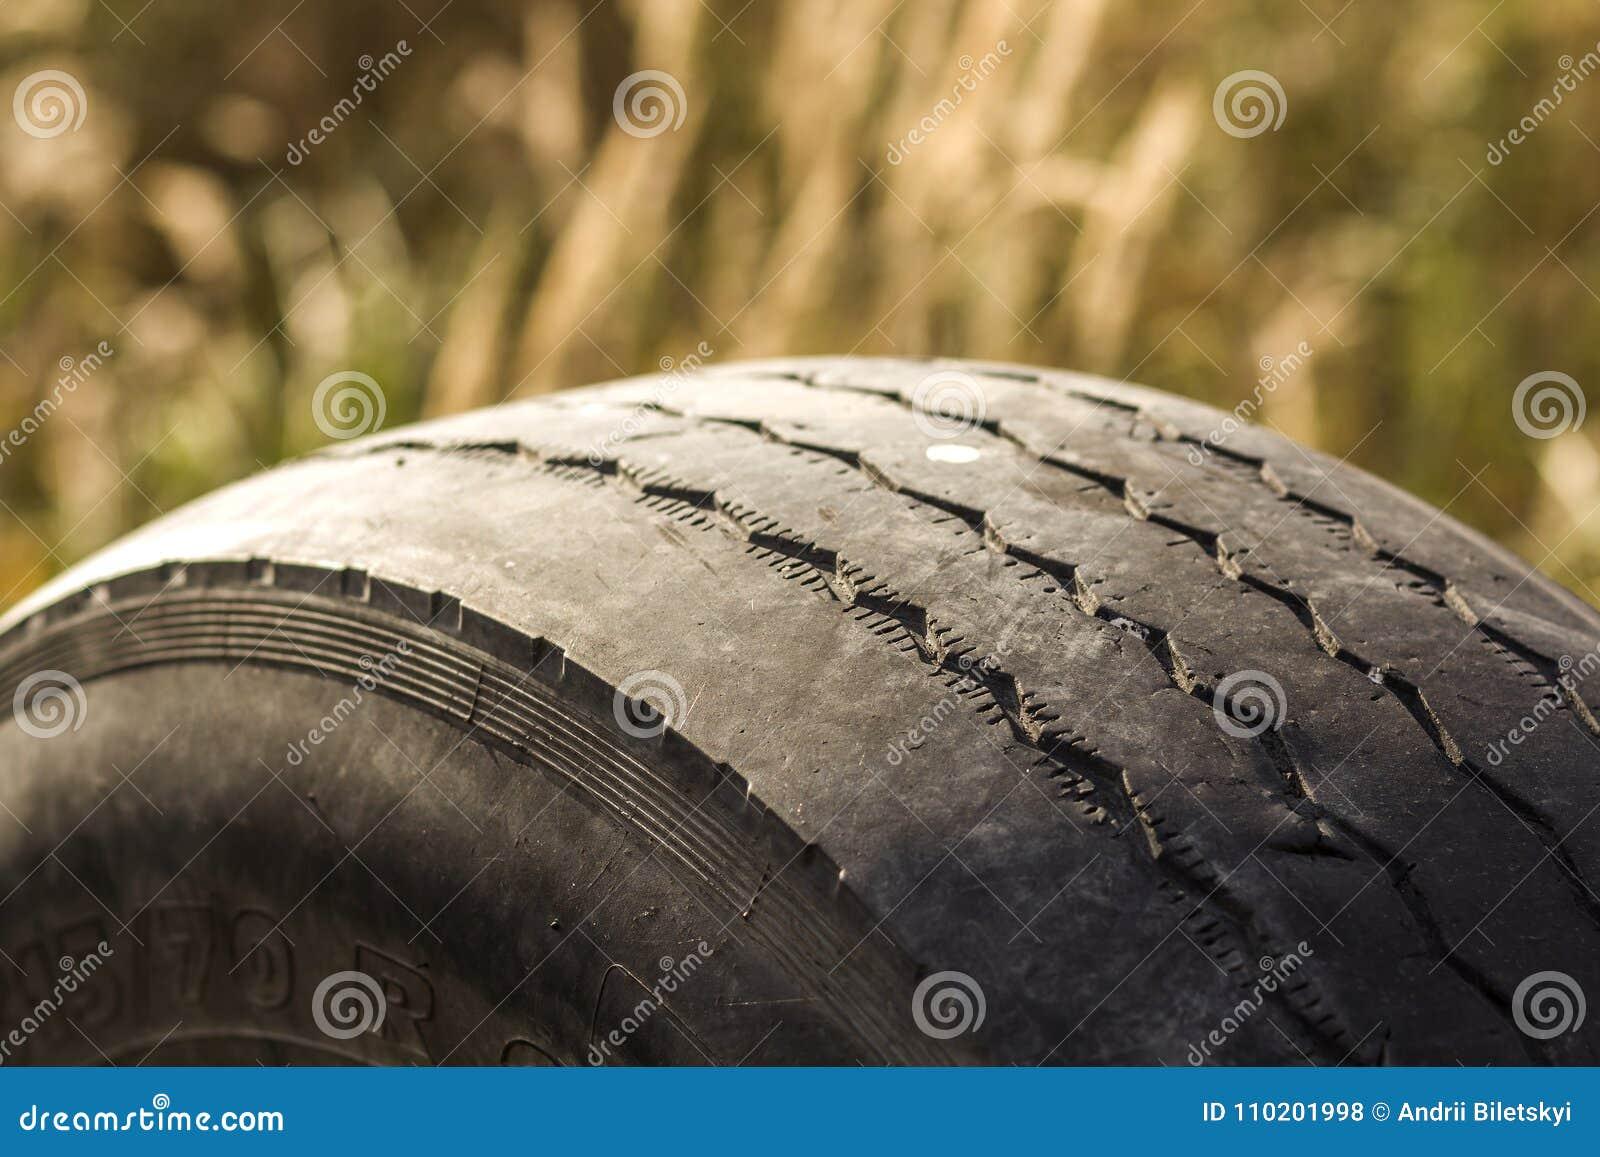 Dettaglio del primo piano della gomma della ruota di automobile indossata male e calva a causa dell inseguimento del povero o del